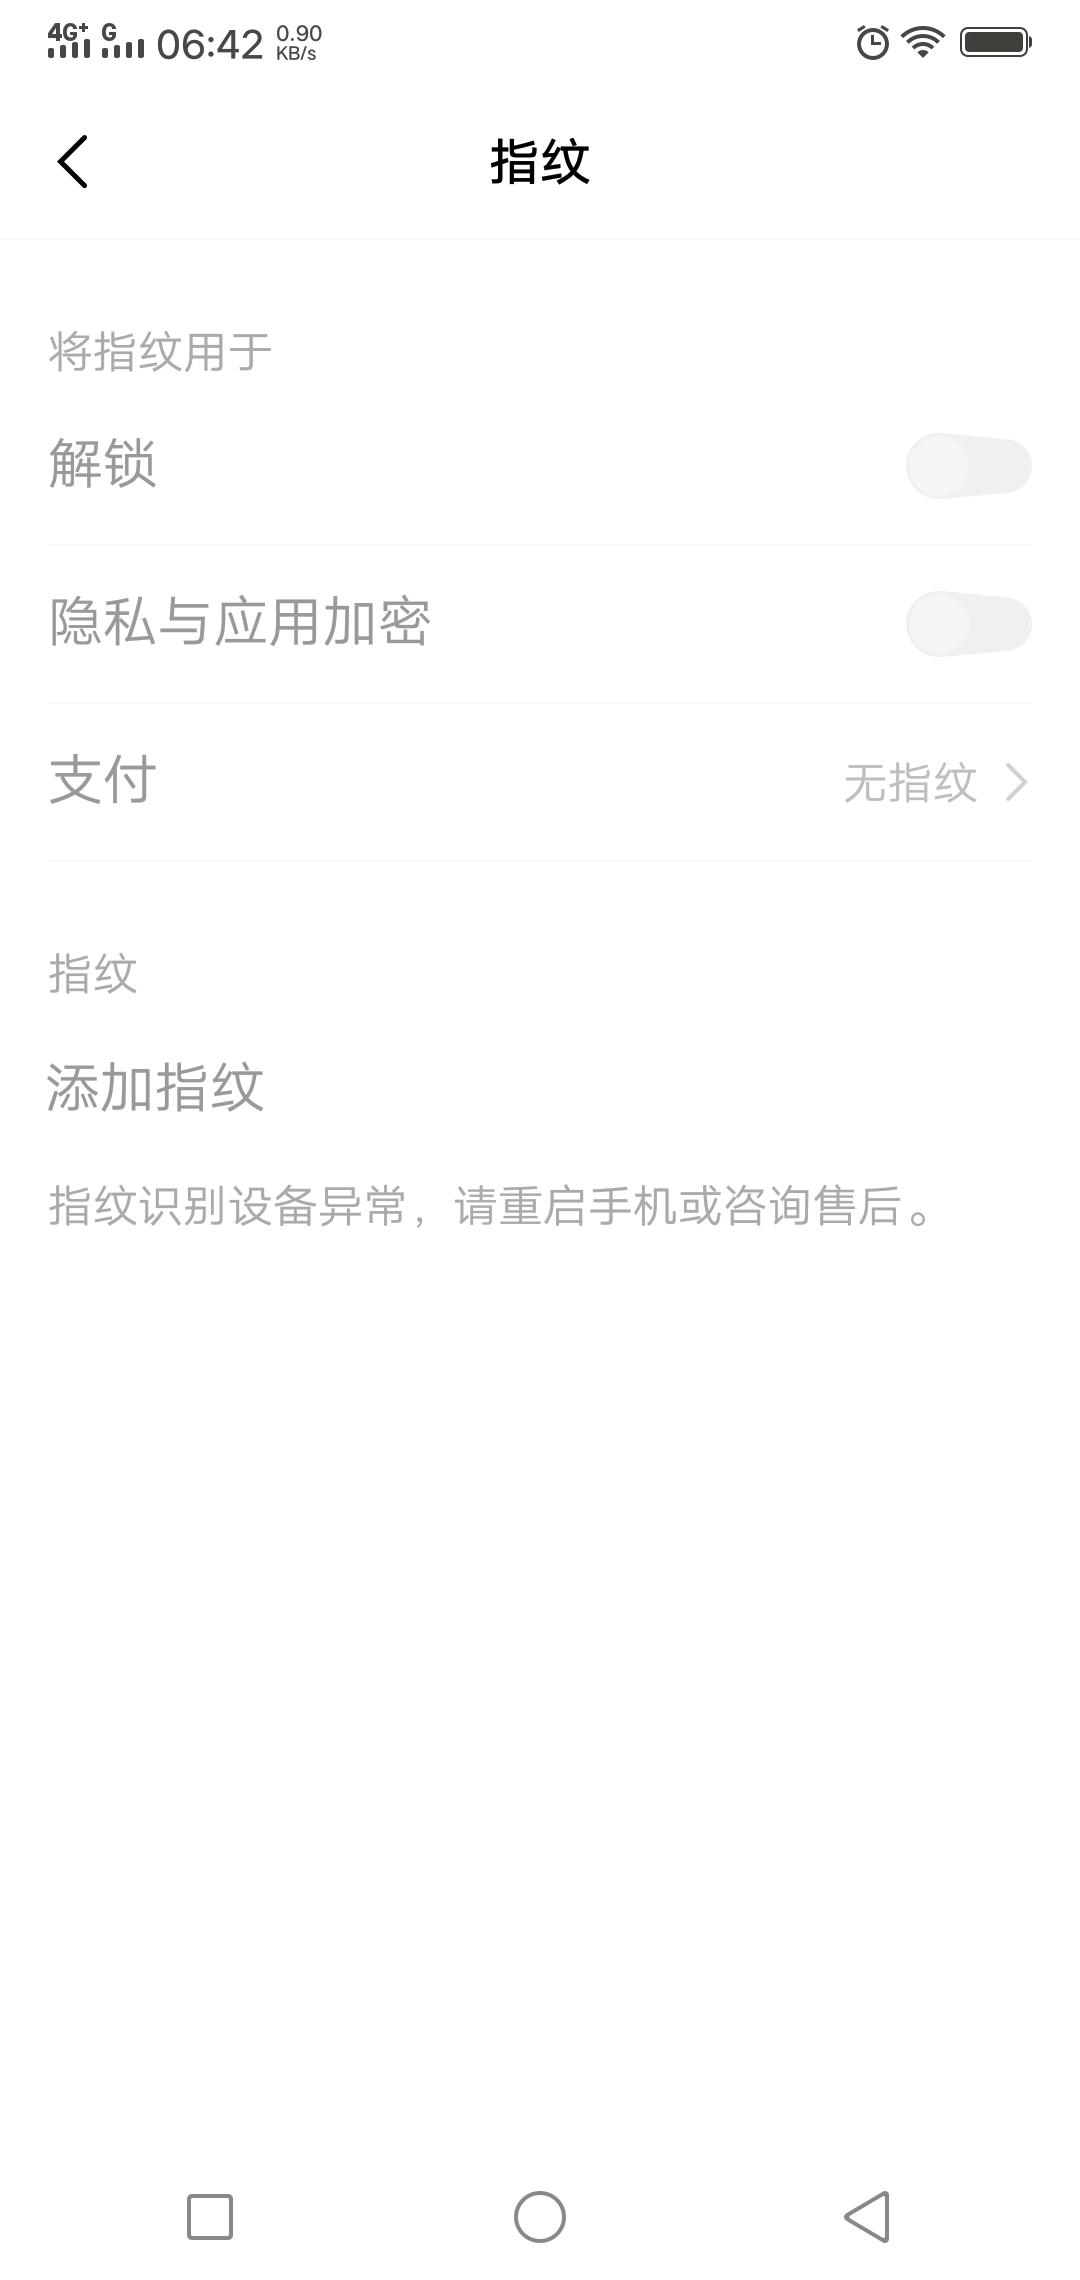 Screenshot_20200910_064246.jpg